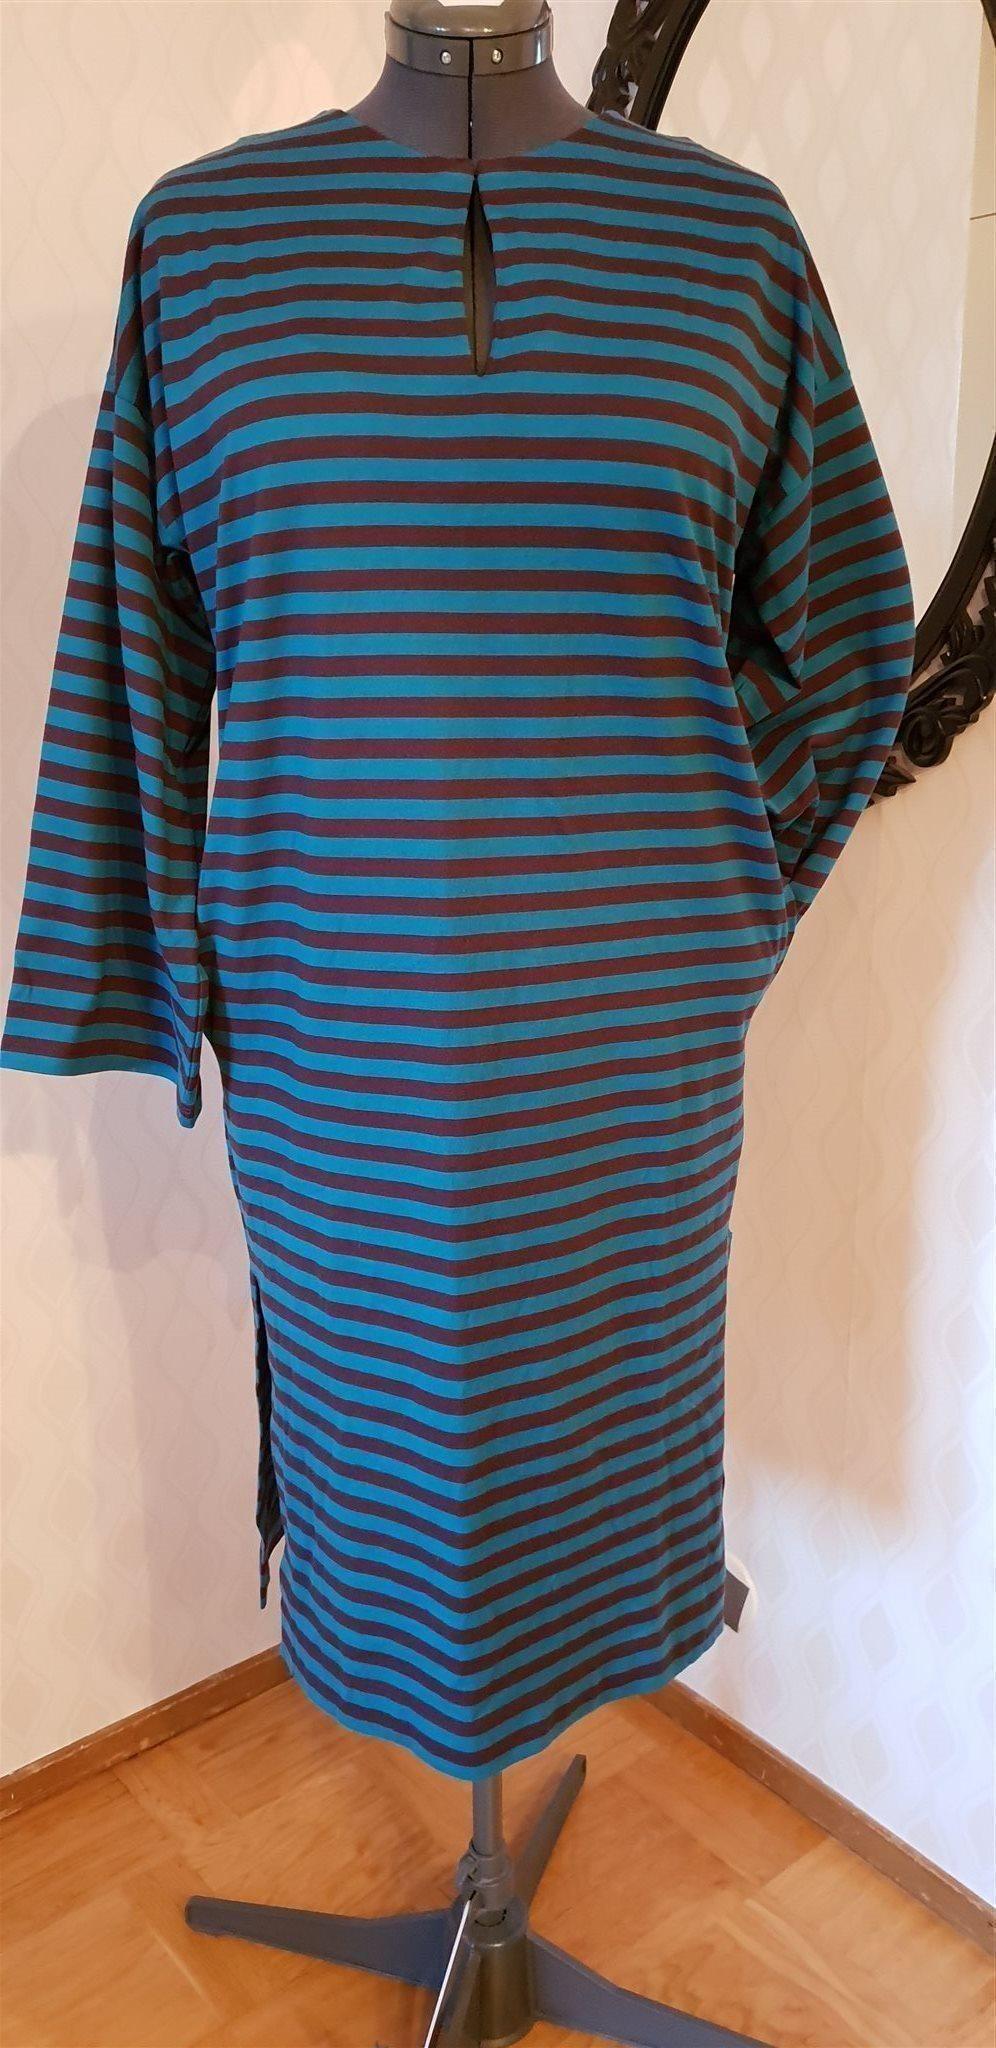 ab8252fd2177 Marimekko klänning. Strl M (Passar även L) Ny! Ränder. Finsk design  Marimekko klänning.